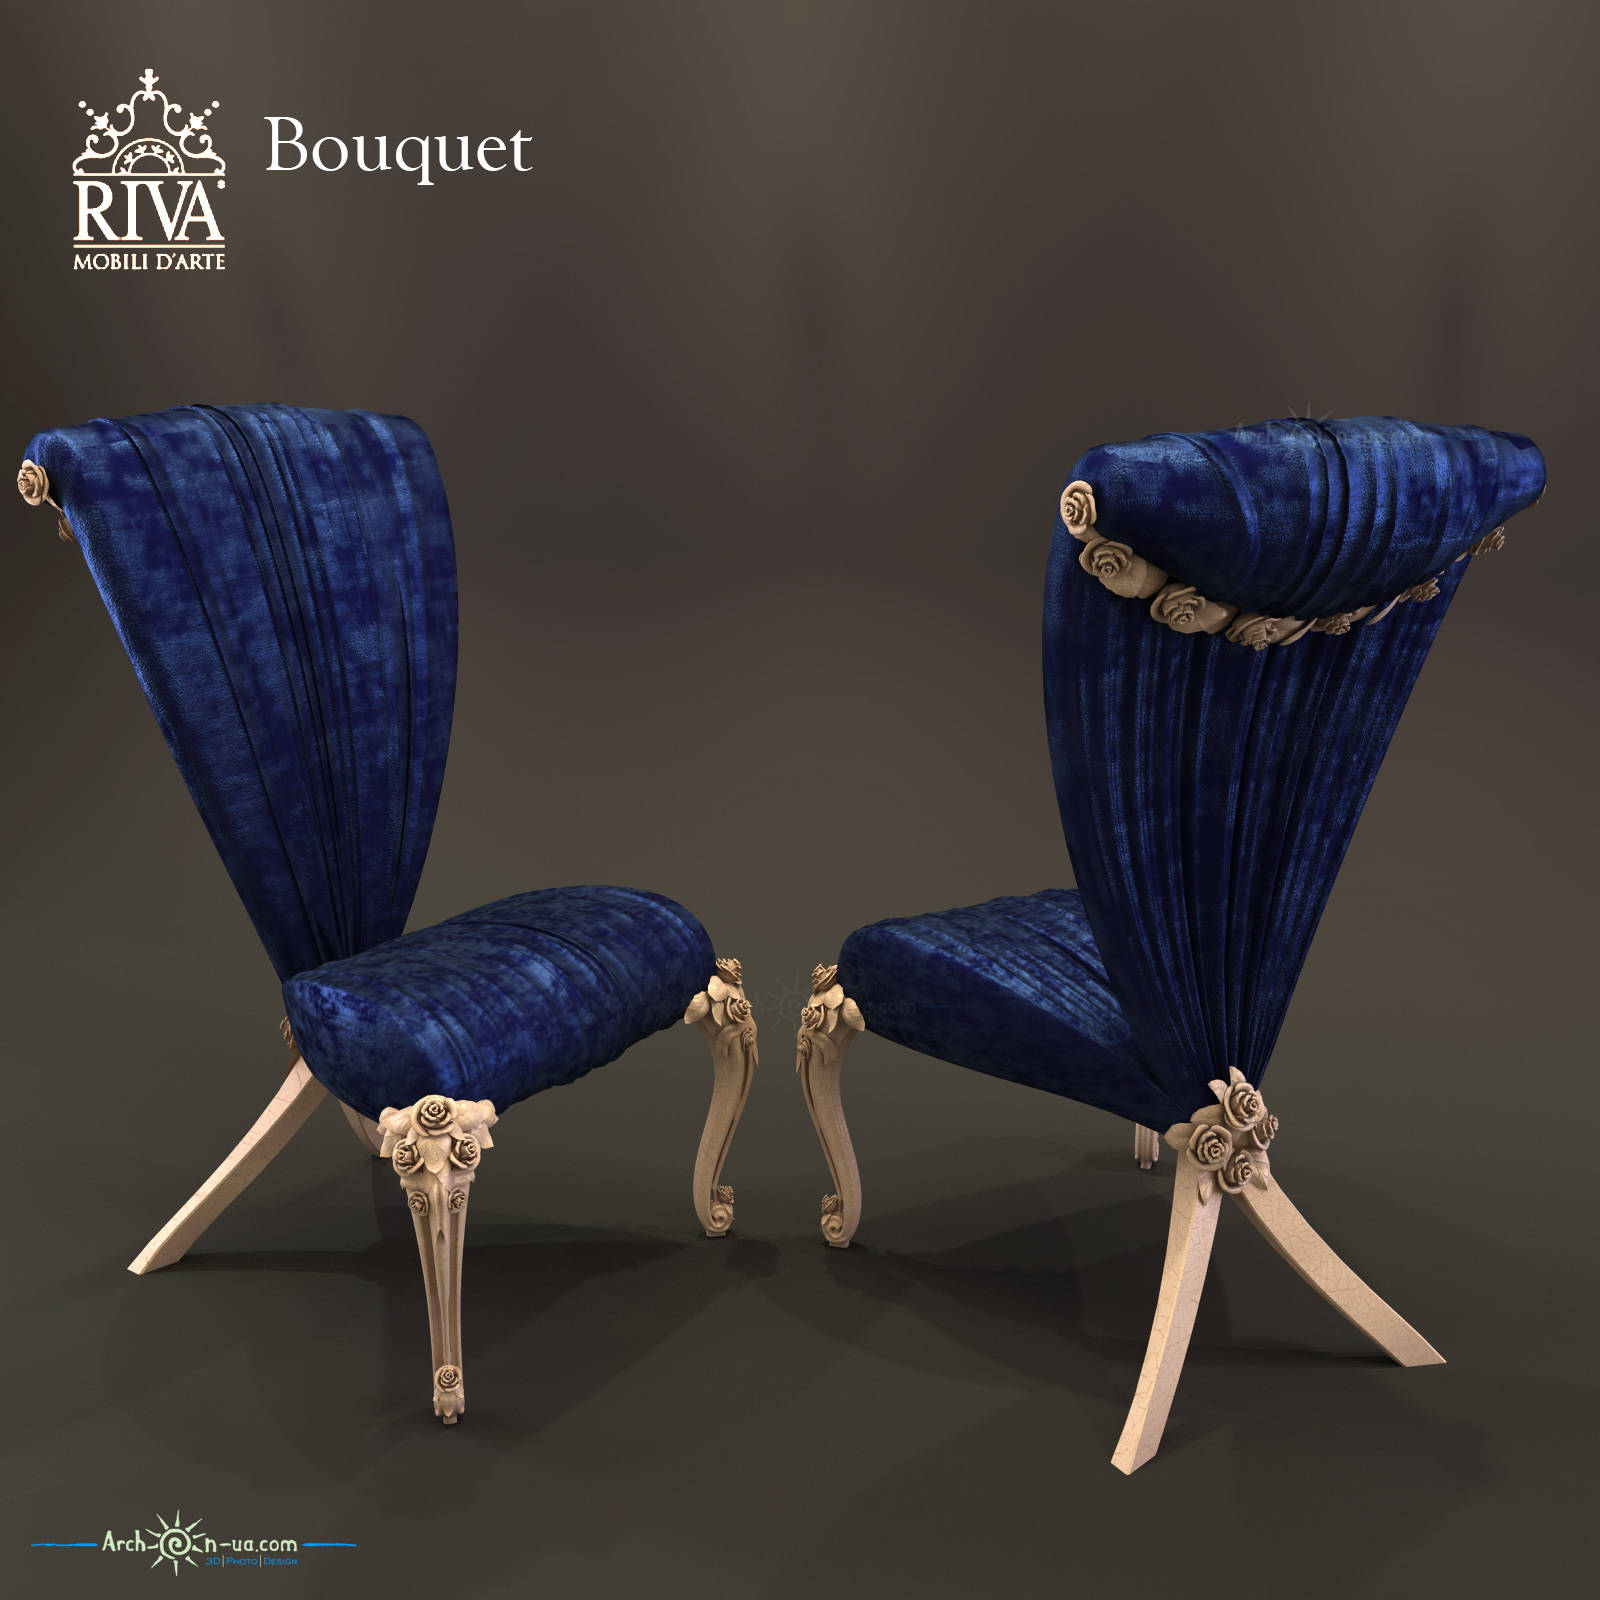 3d model Bouquet Riva Mobili D'Arte chair